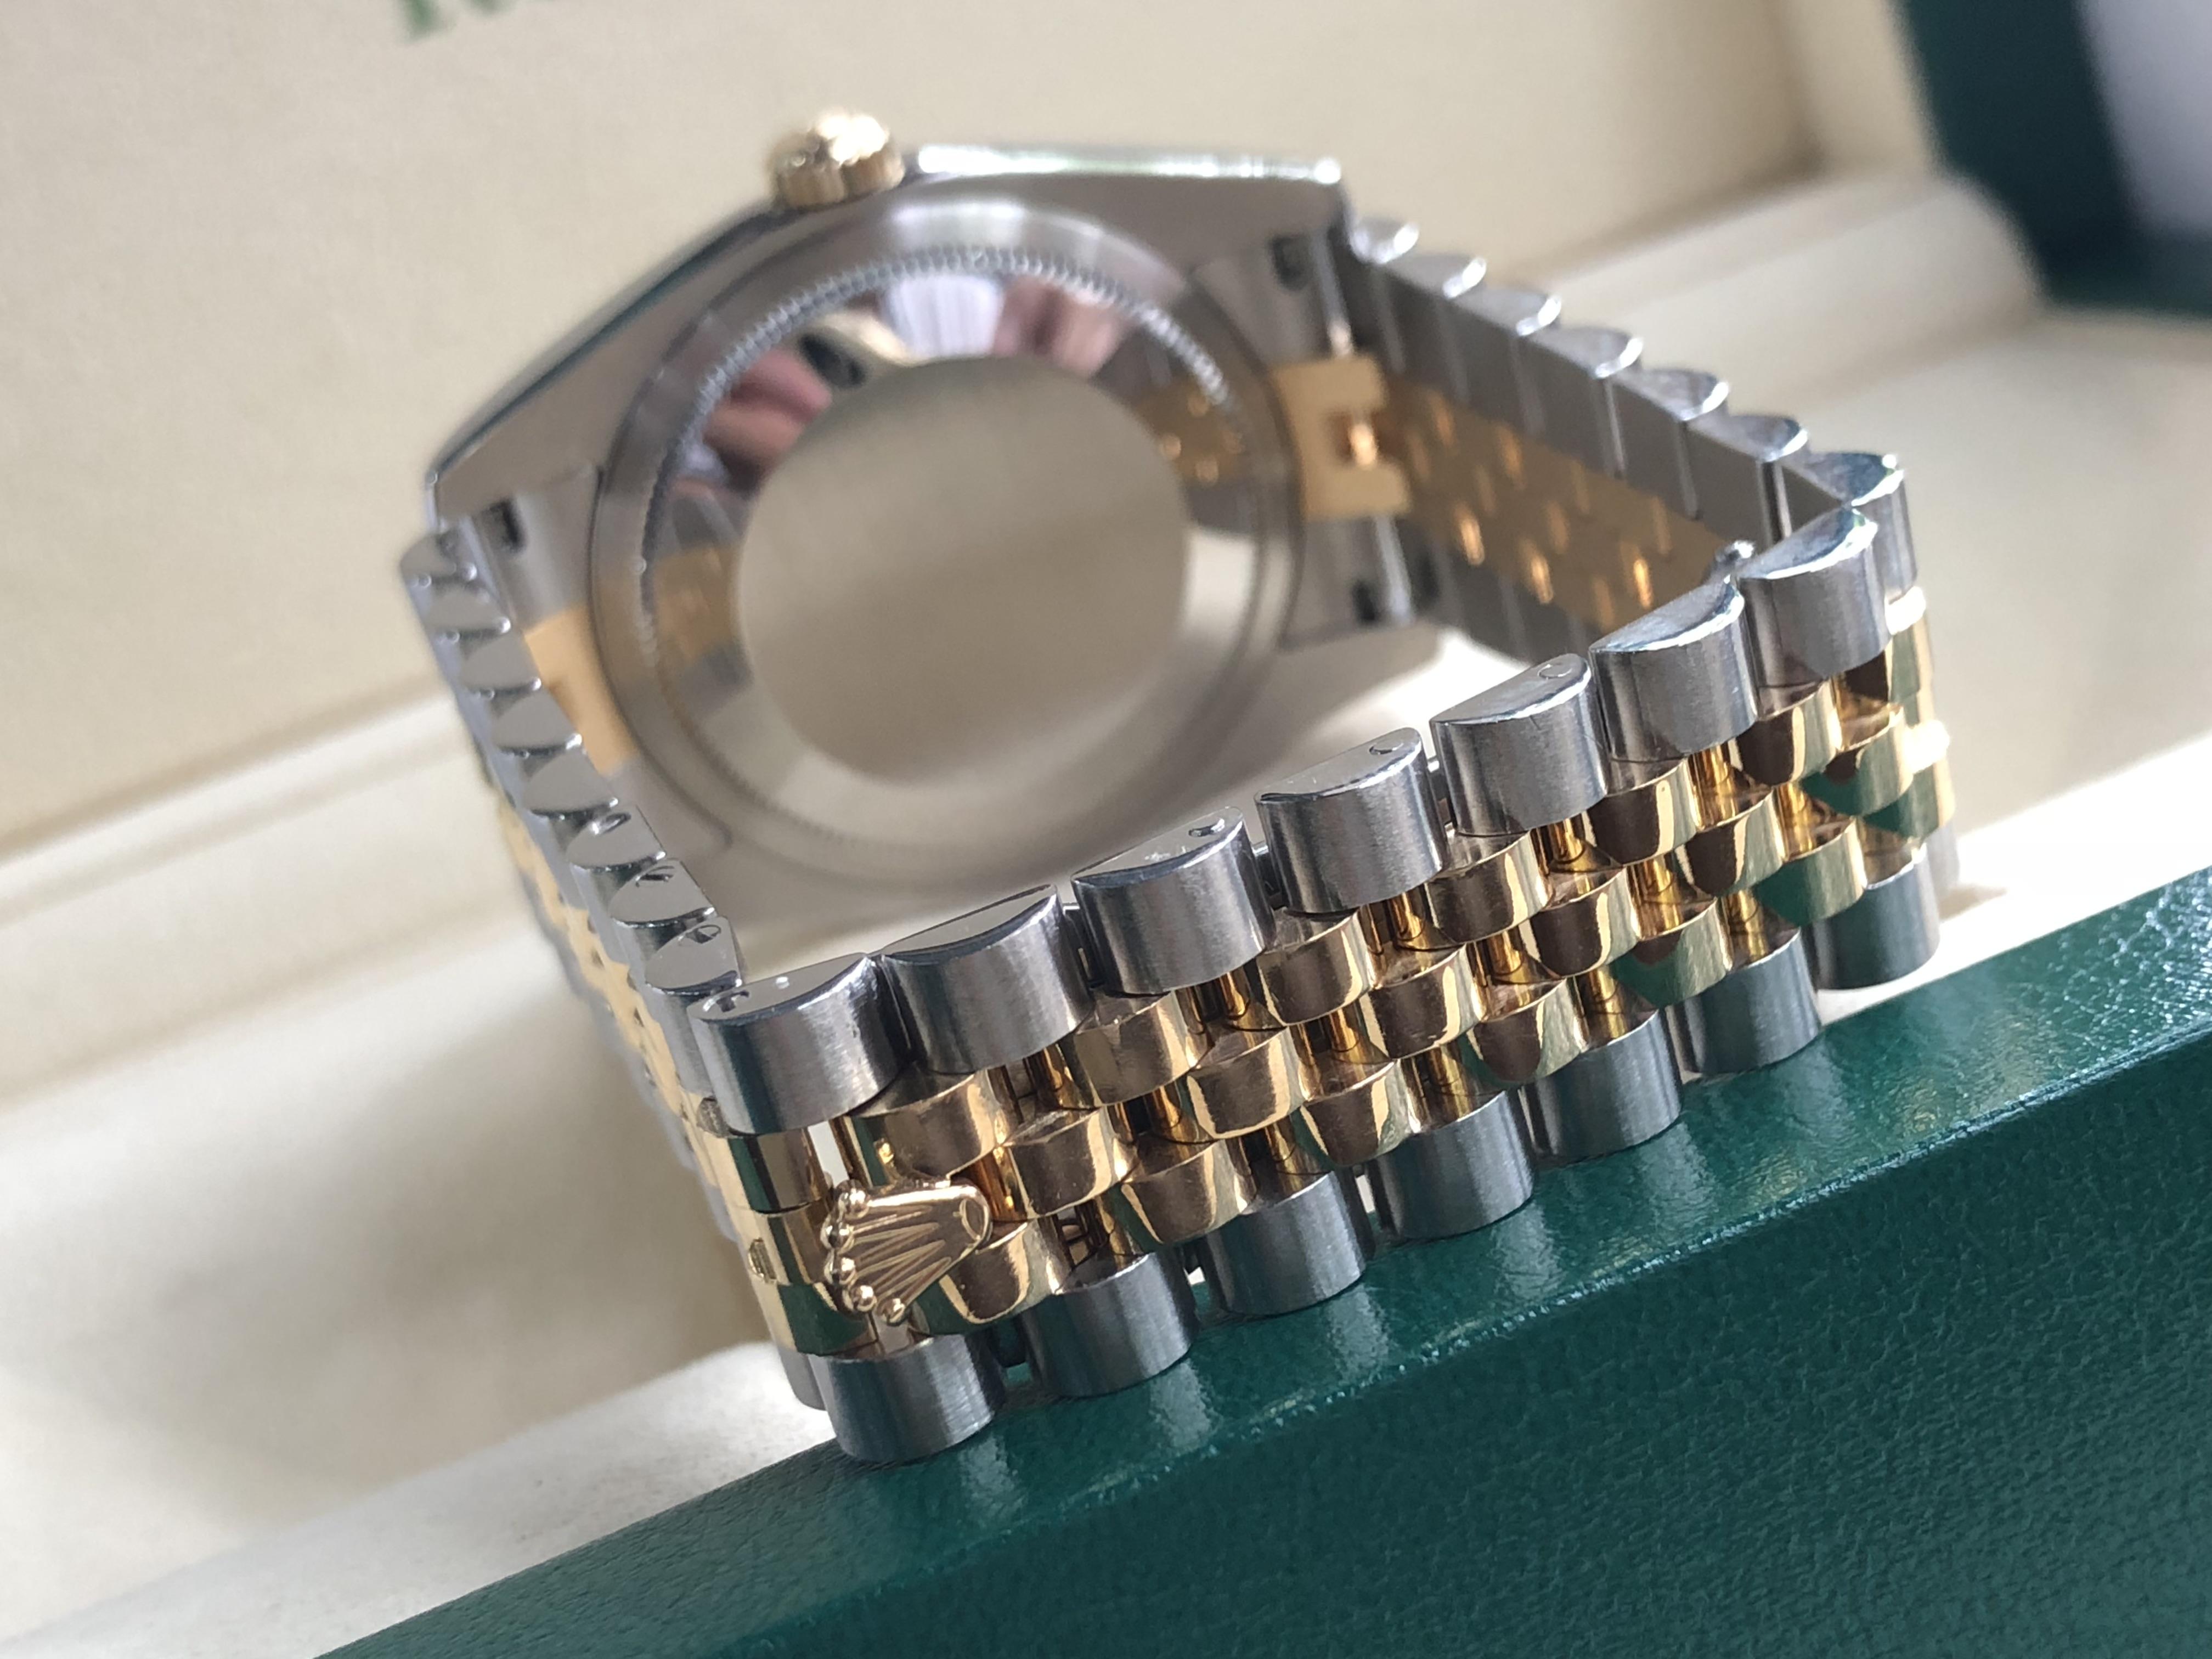 Rolex 116233 mặt số tráng men trắng sản xuất năm 2004-4